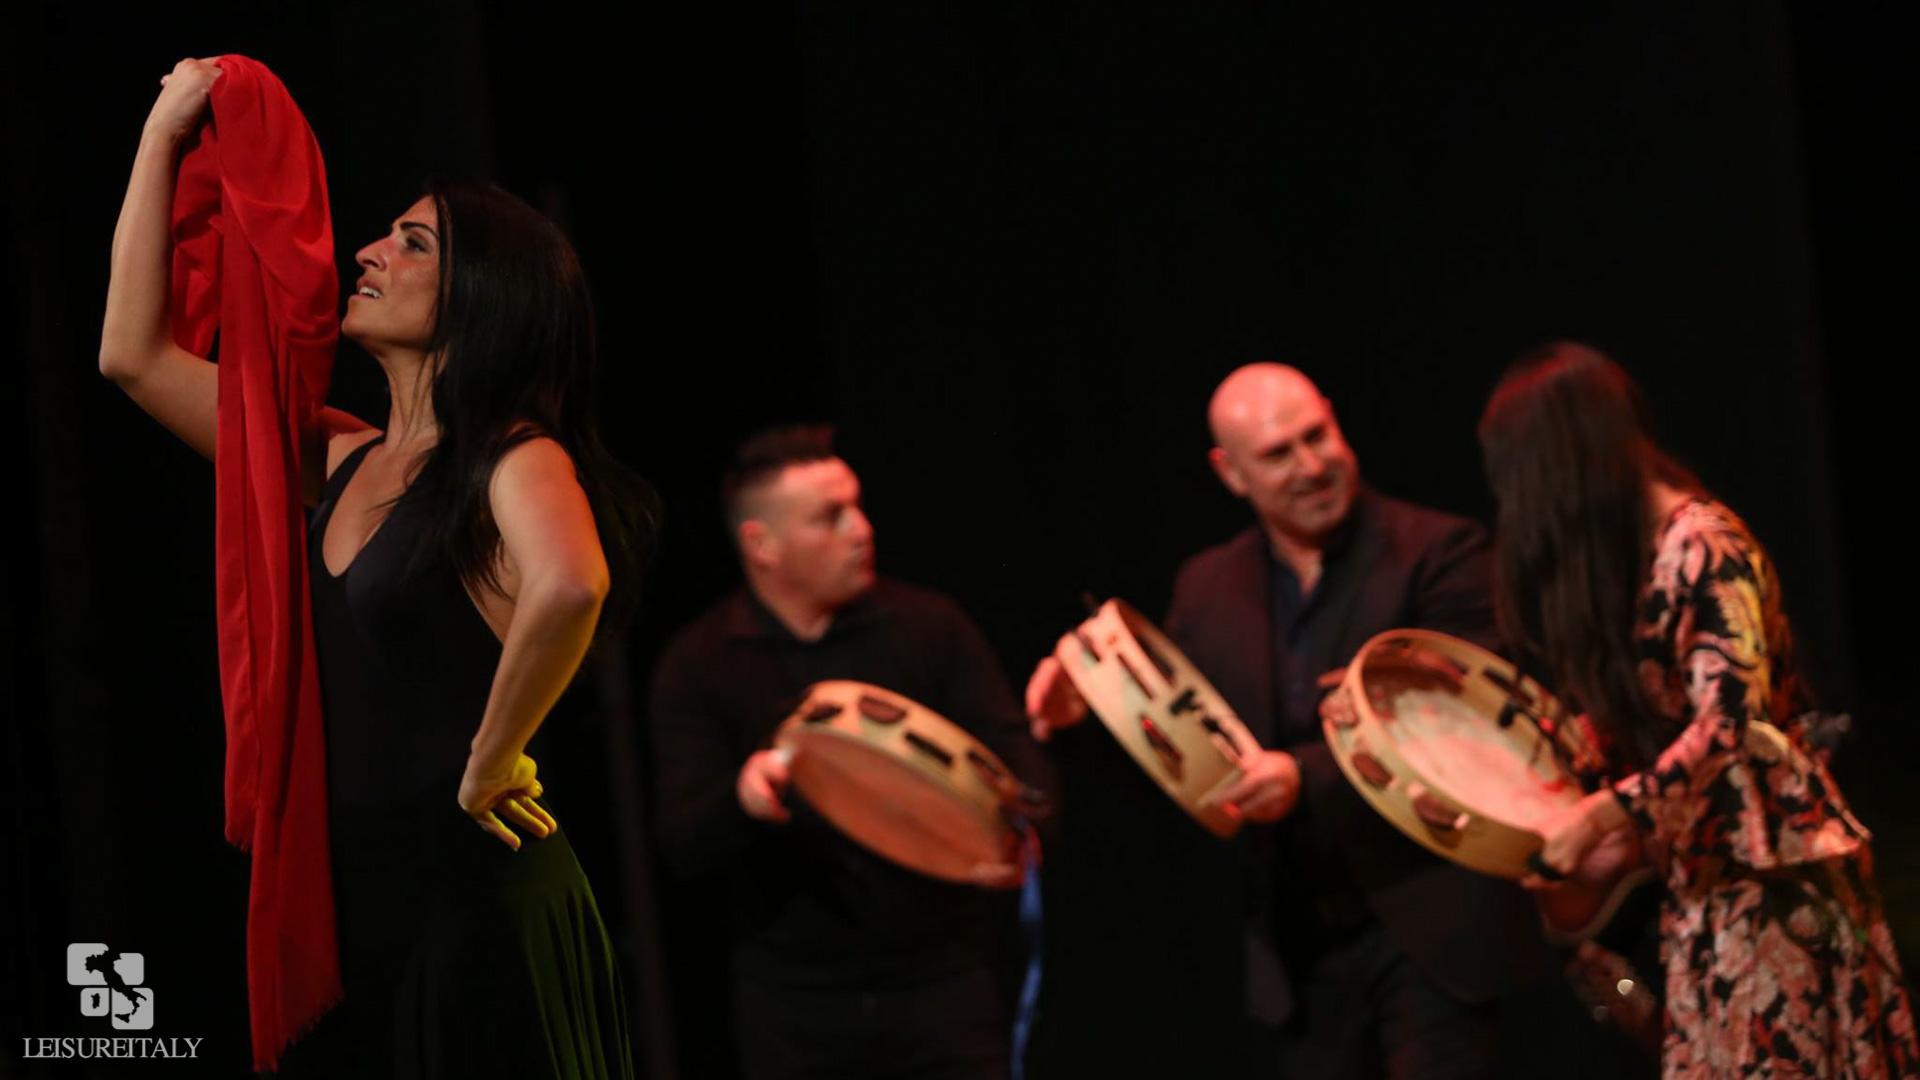 Notte della Taranta Dancer and Musicians